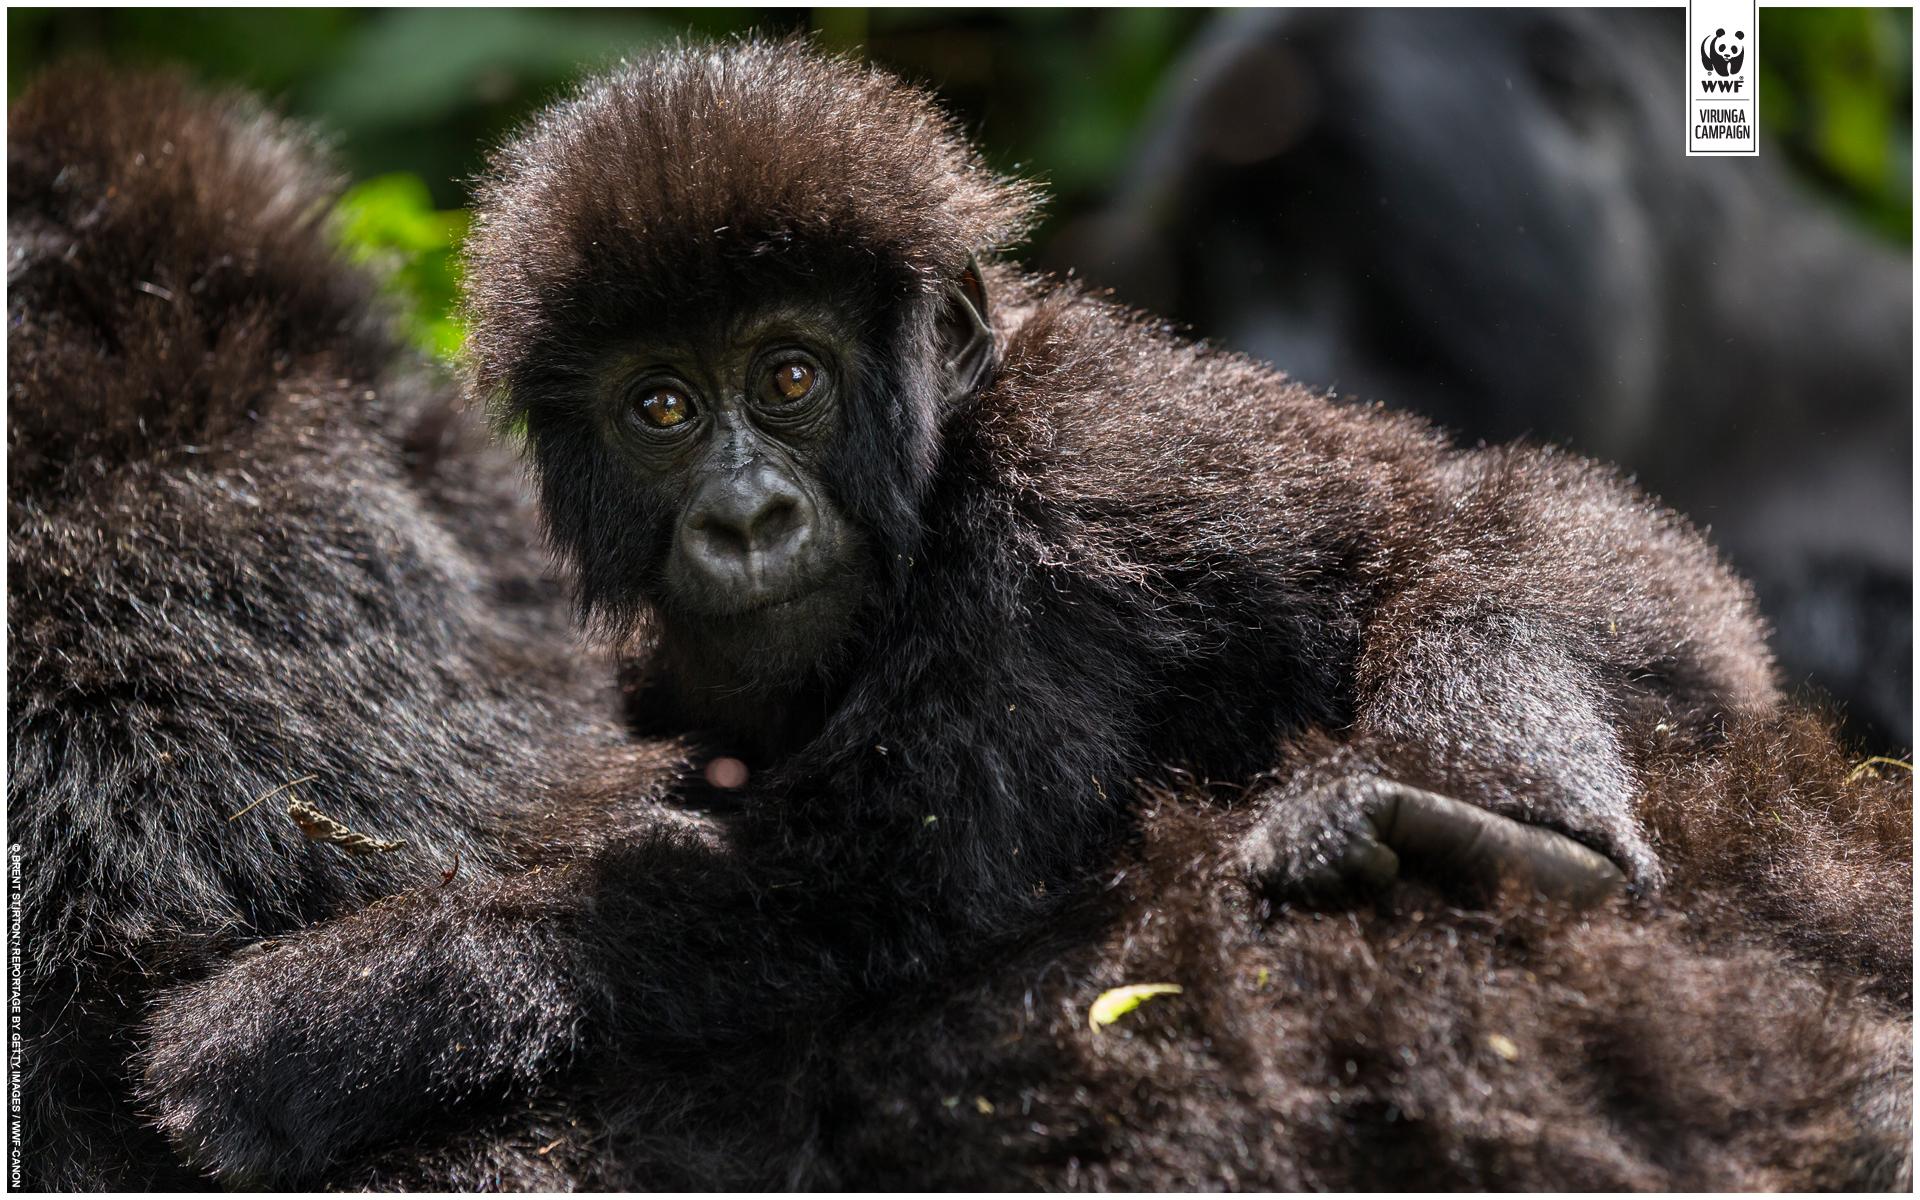 Cute baby mountain gorillas